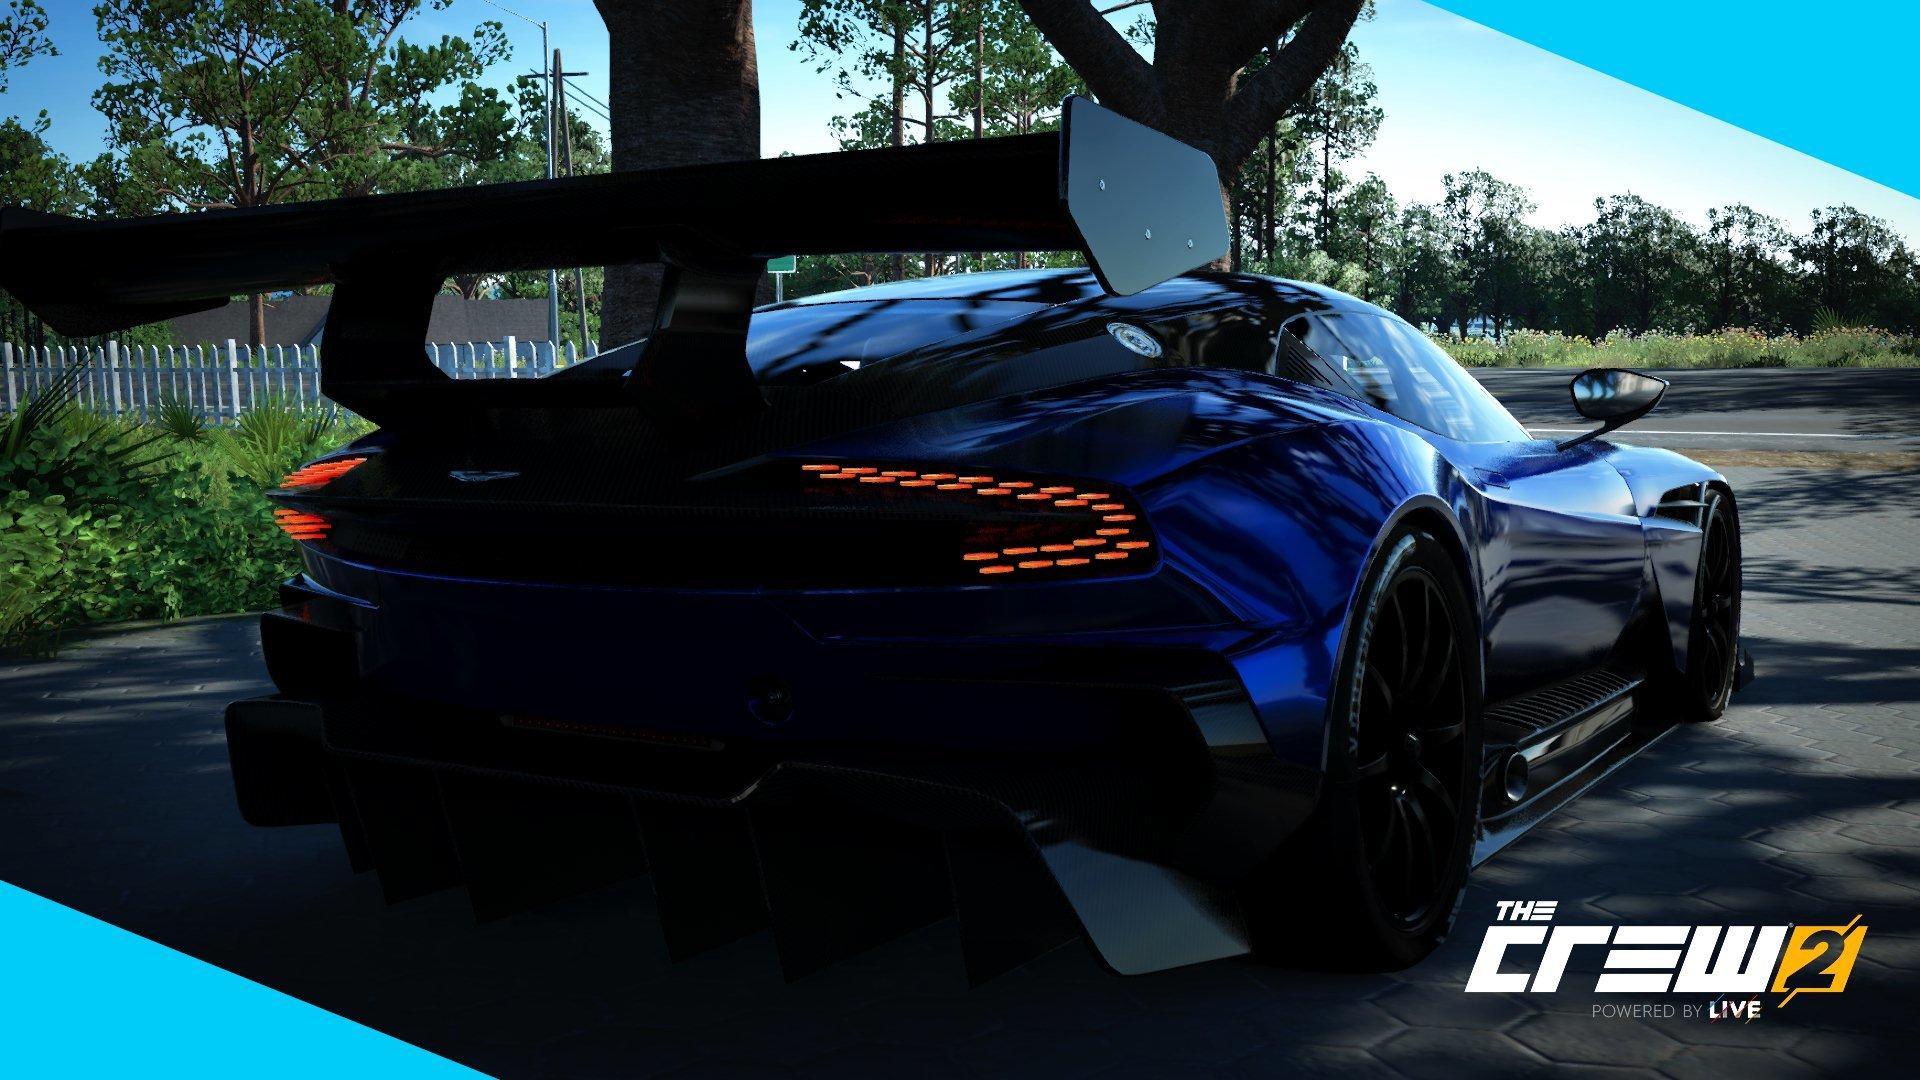 ゲーム「THE CREW2 Aston Martin_Vulcan」_b0362459_15322366.jpeg